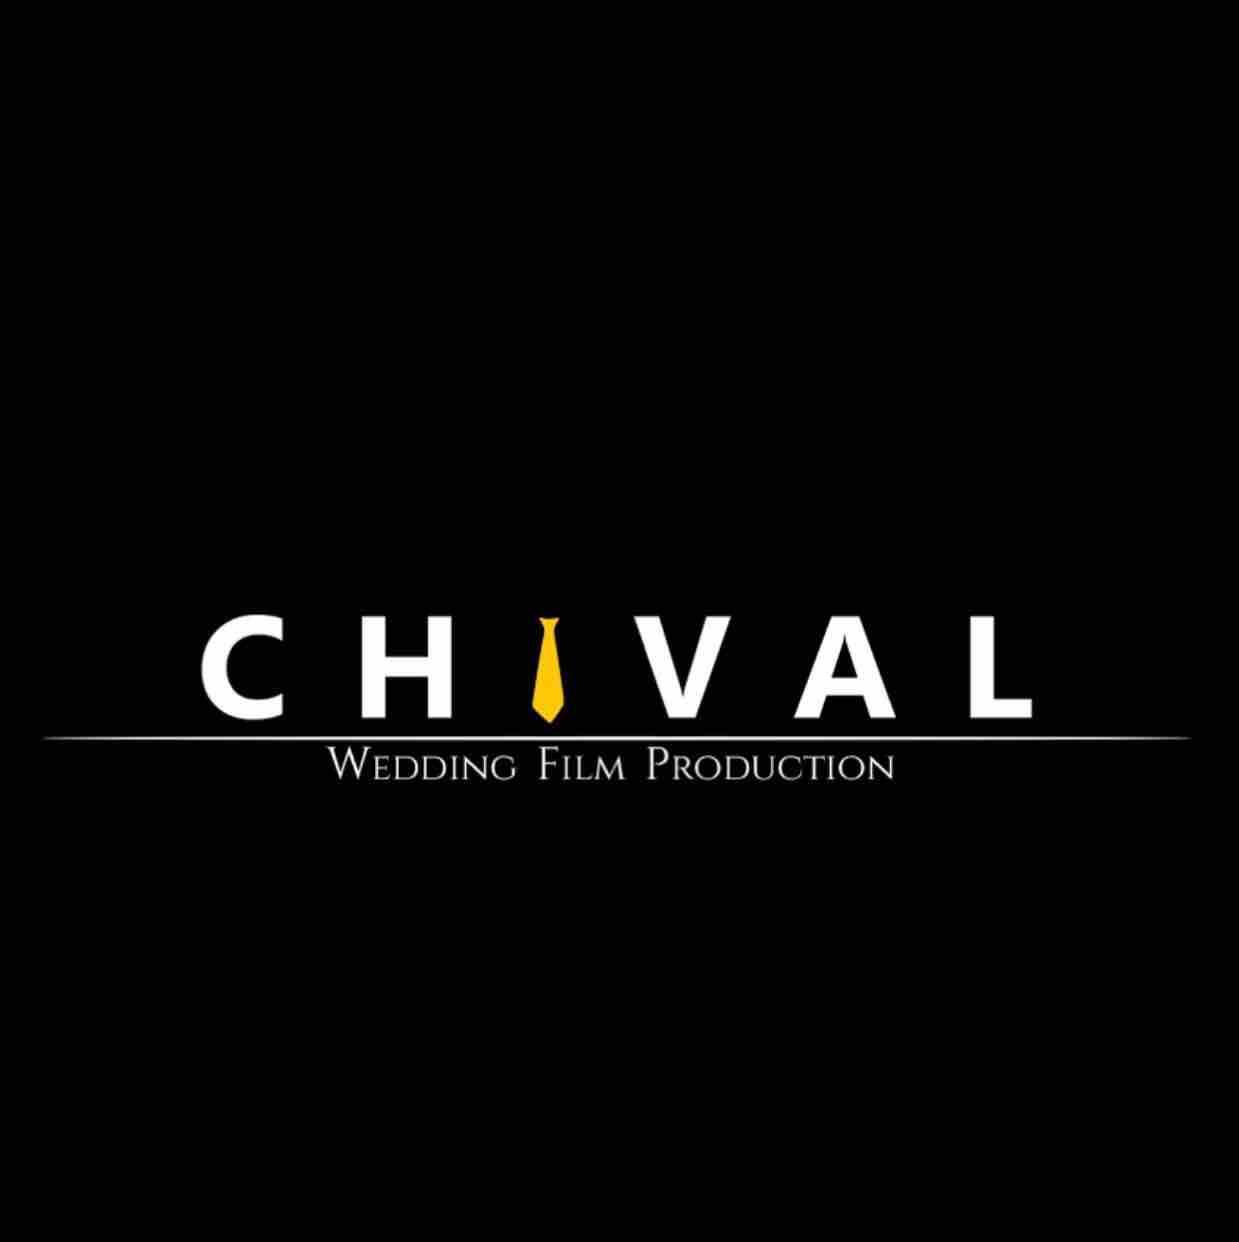 CHIVAL-FILM